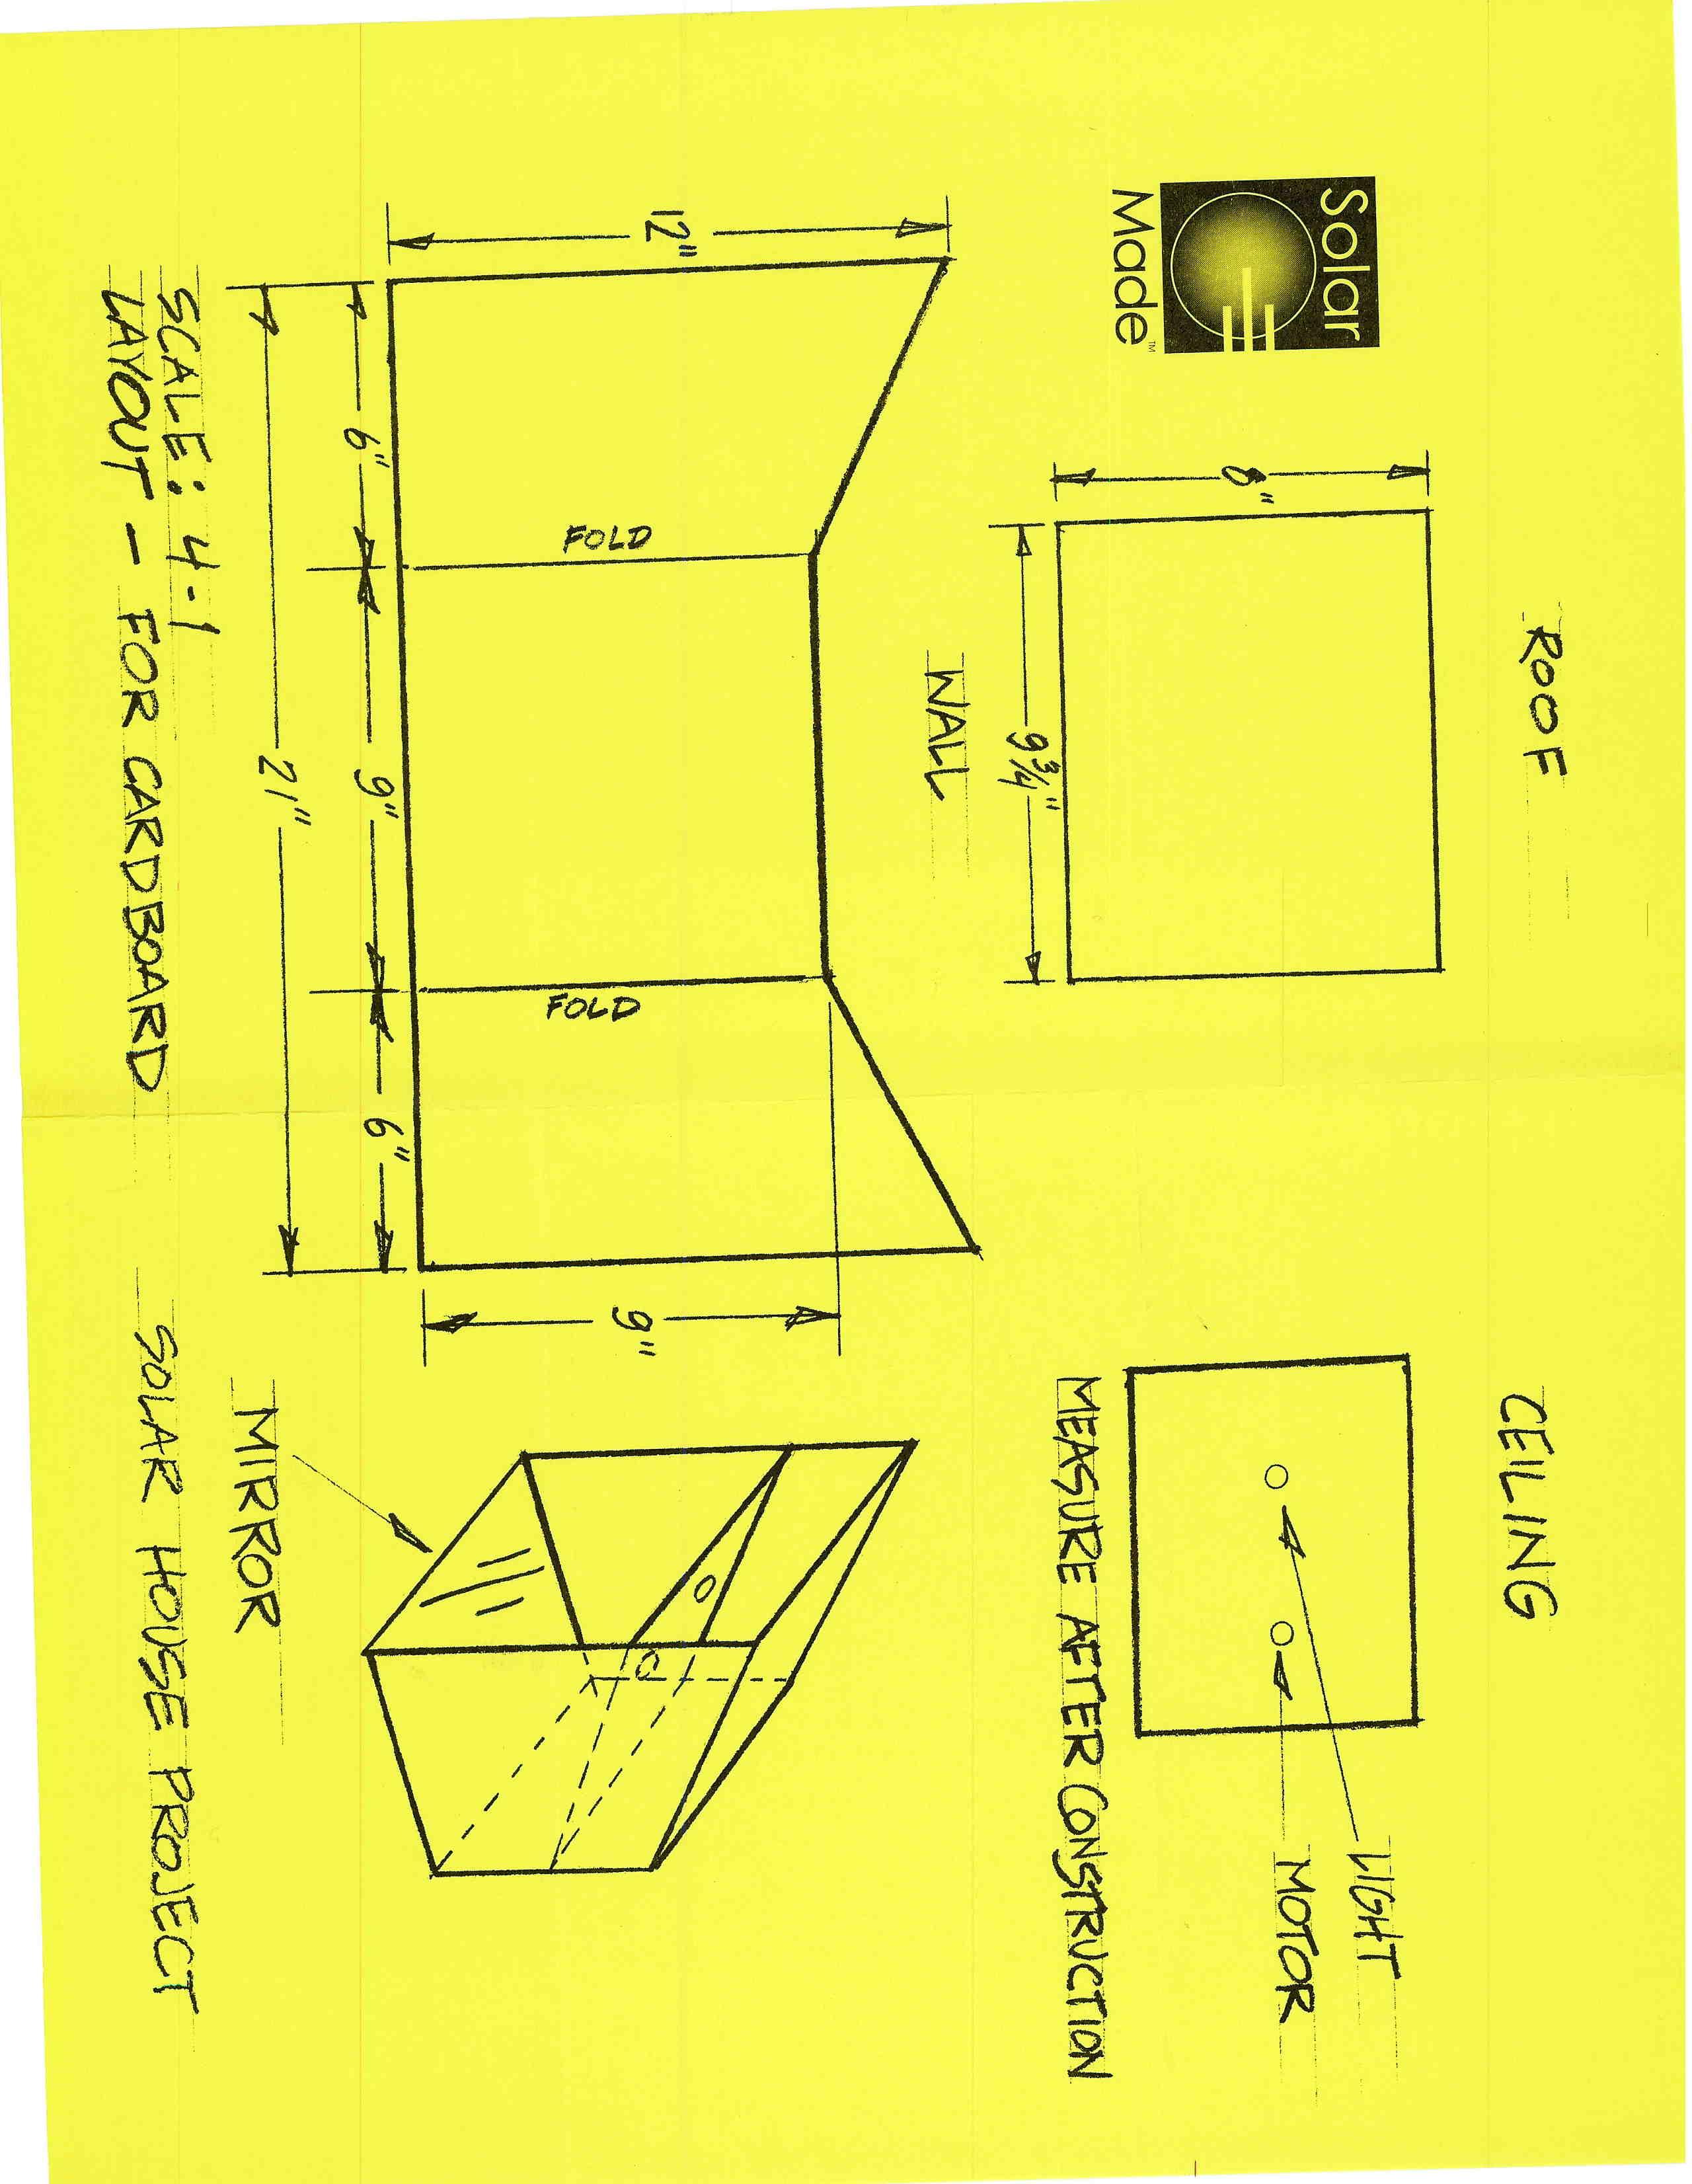 Solar panel house science fair project